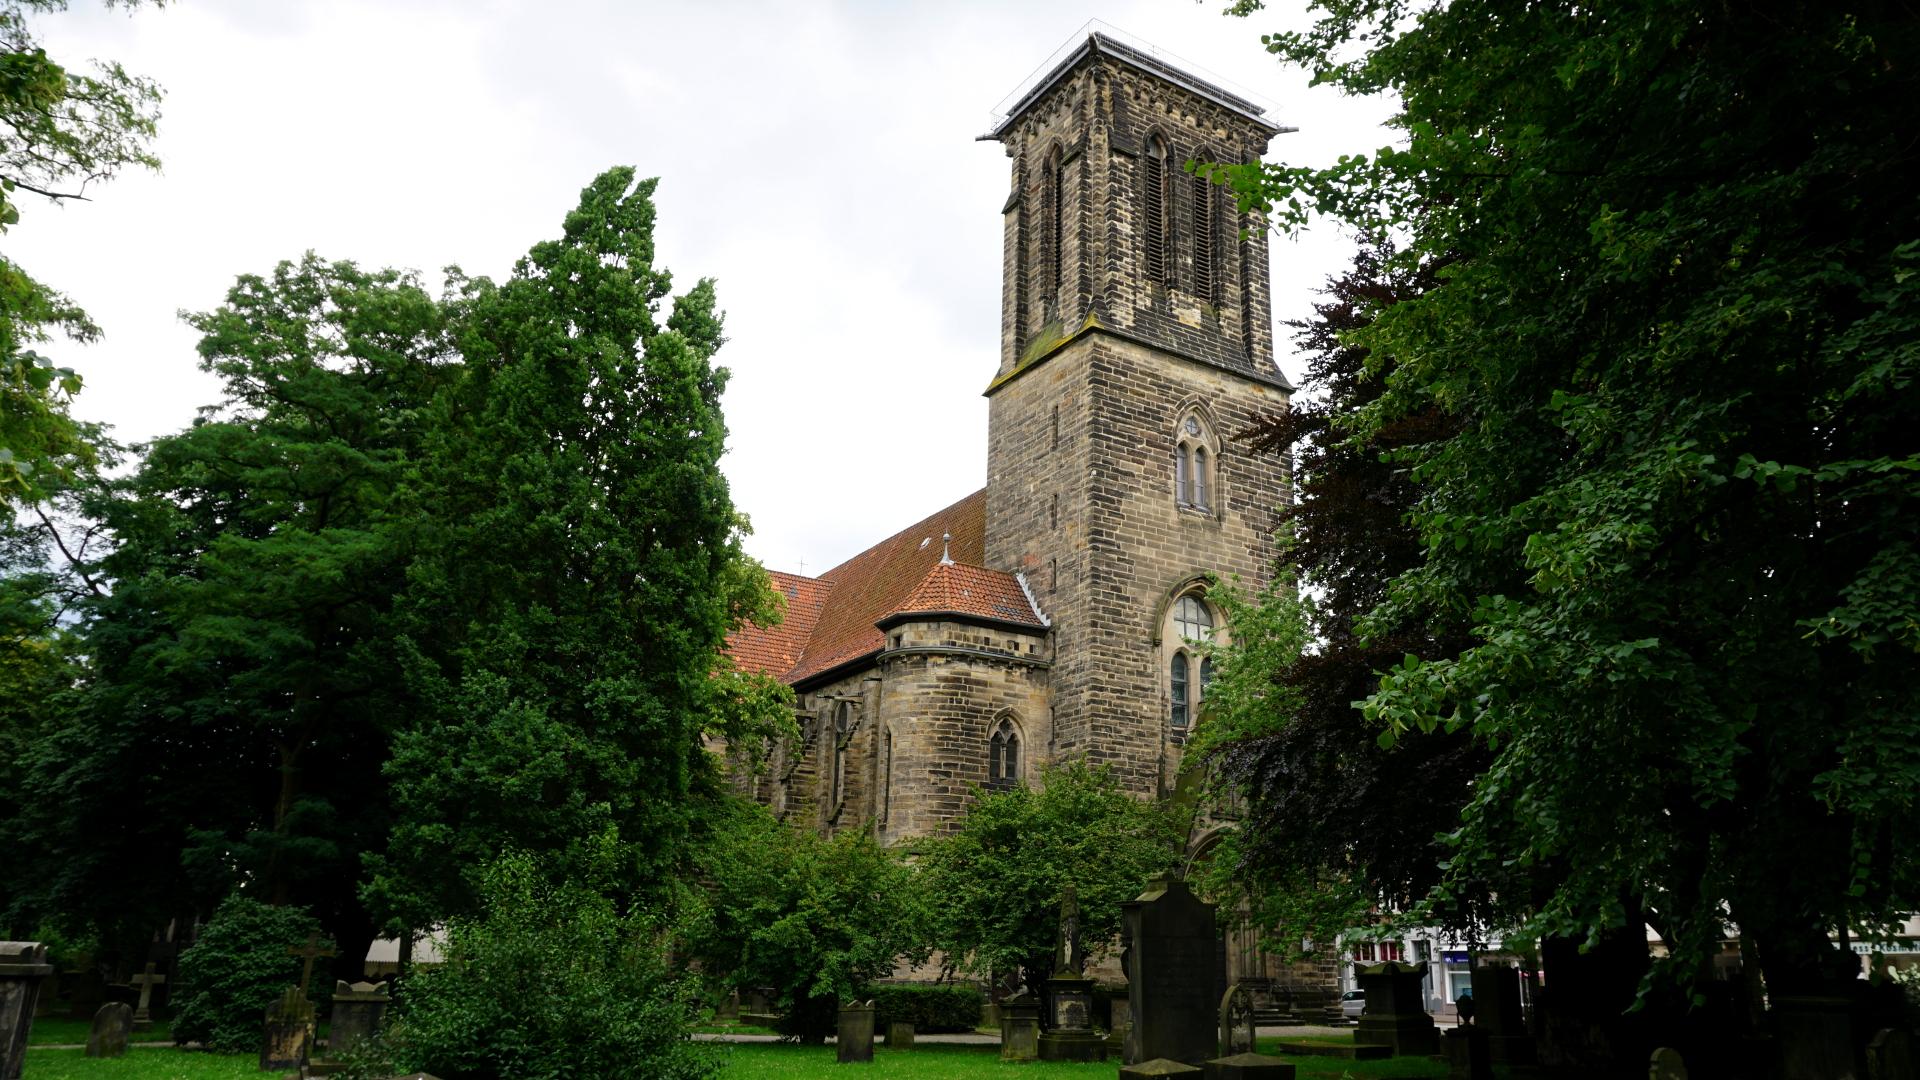 Totale der Gartenkirche in Hannover